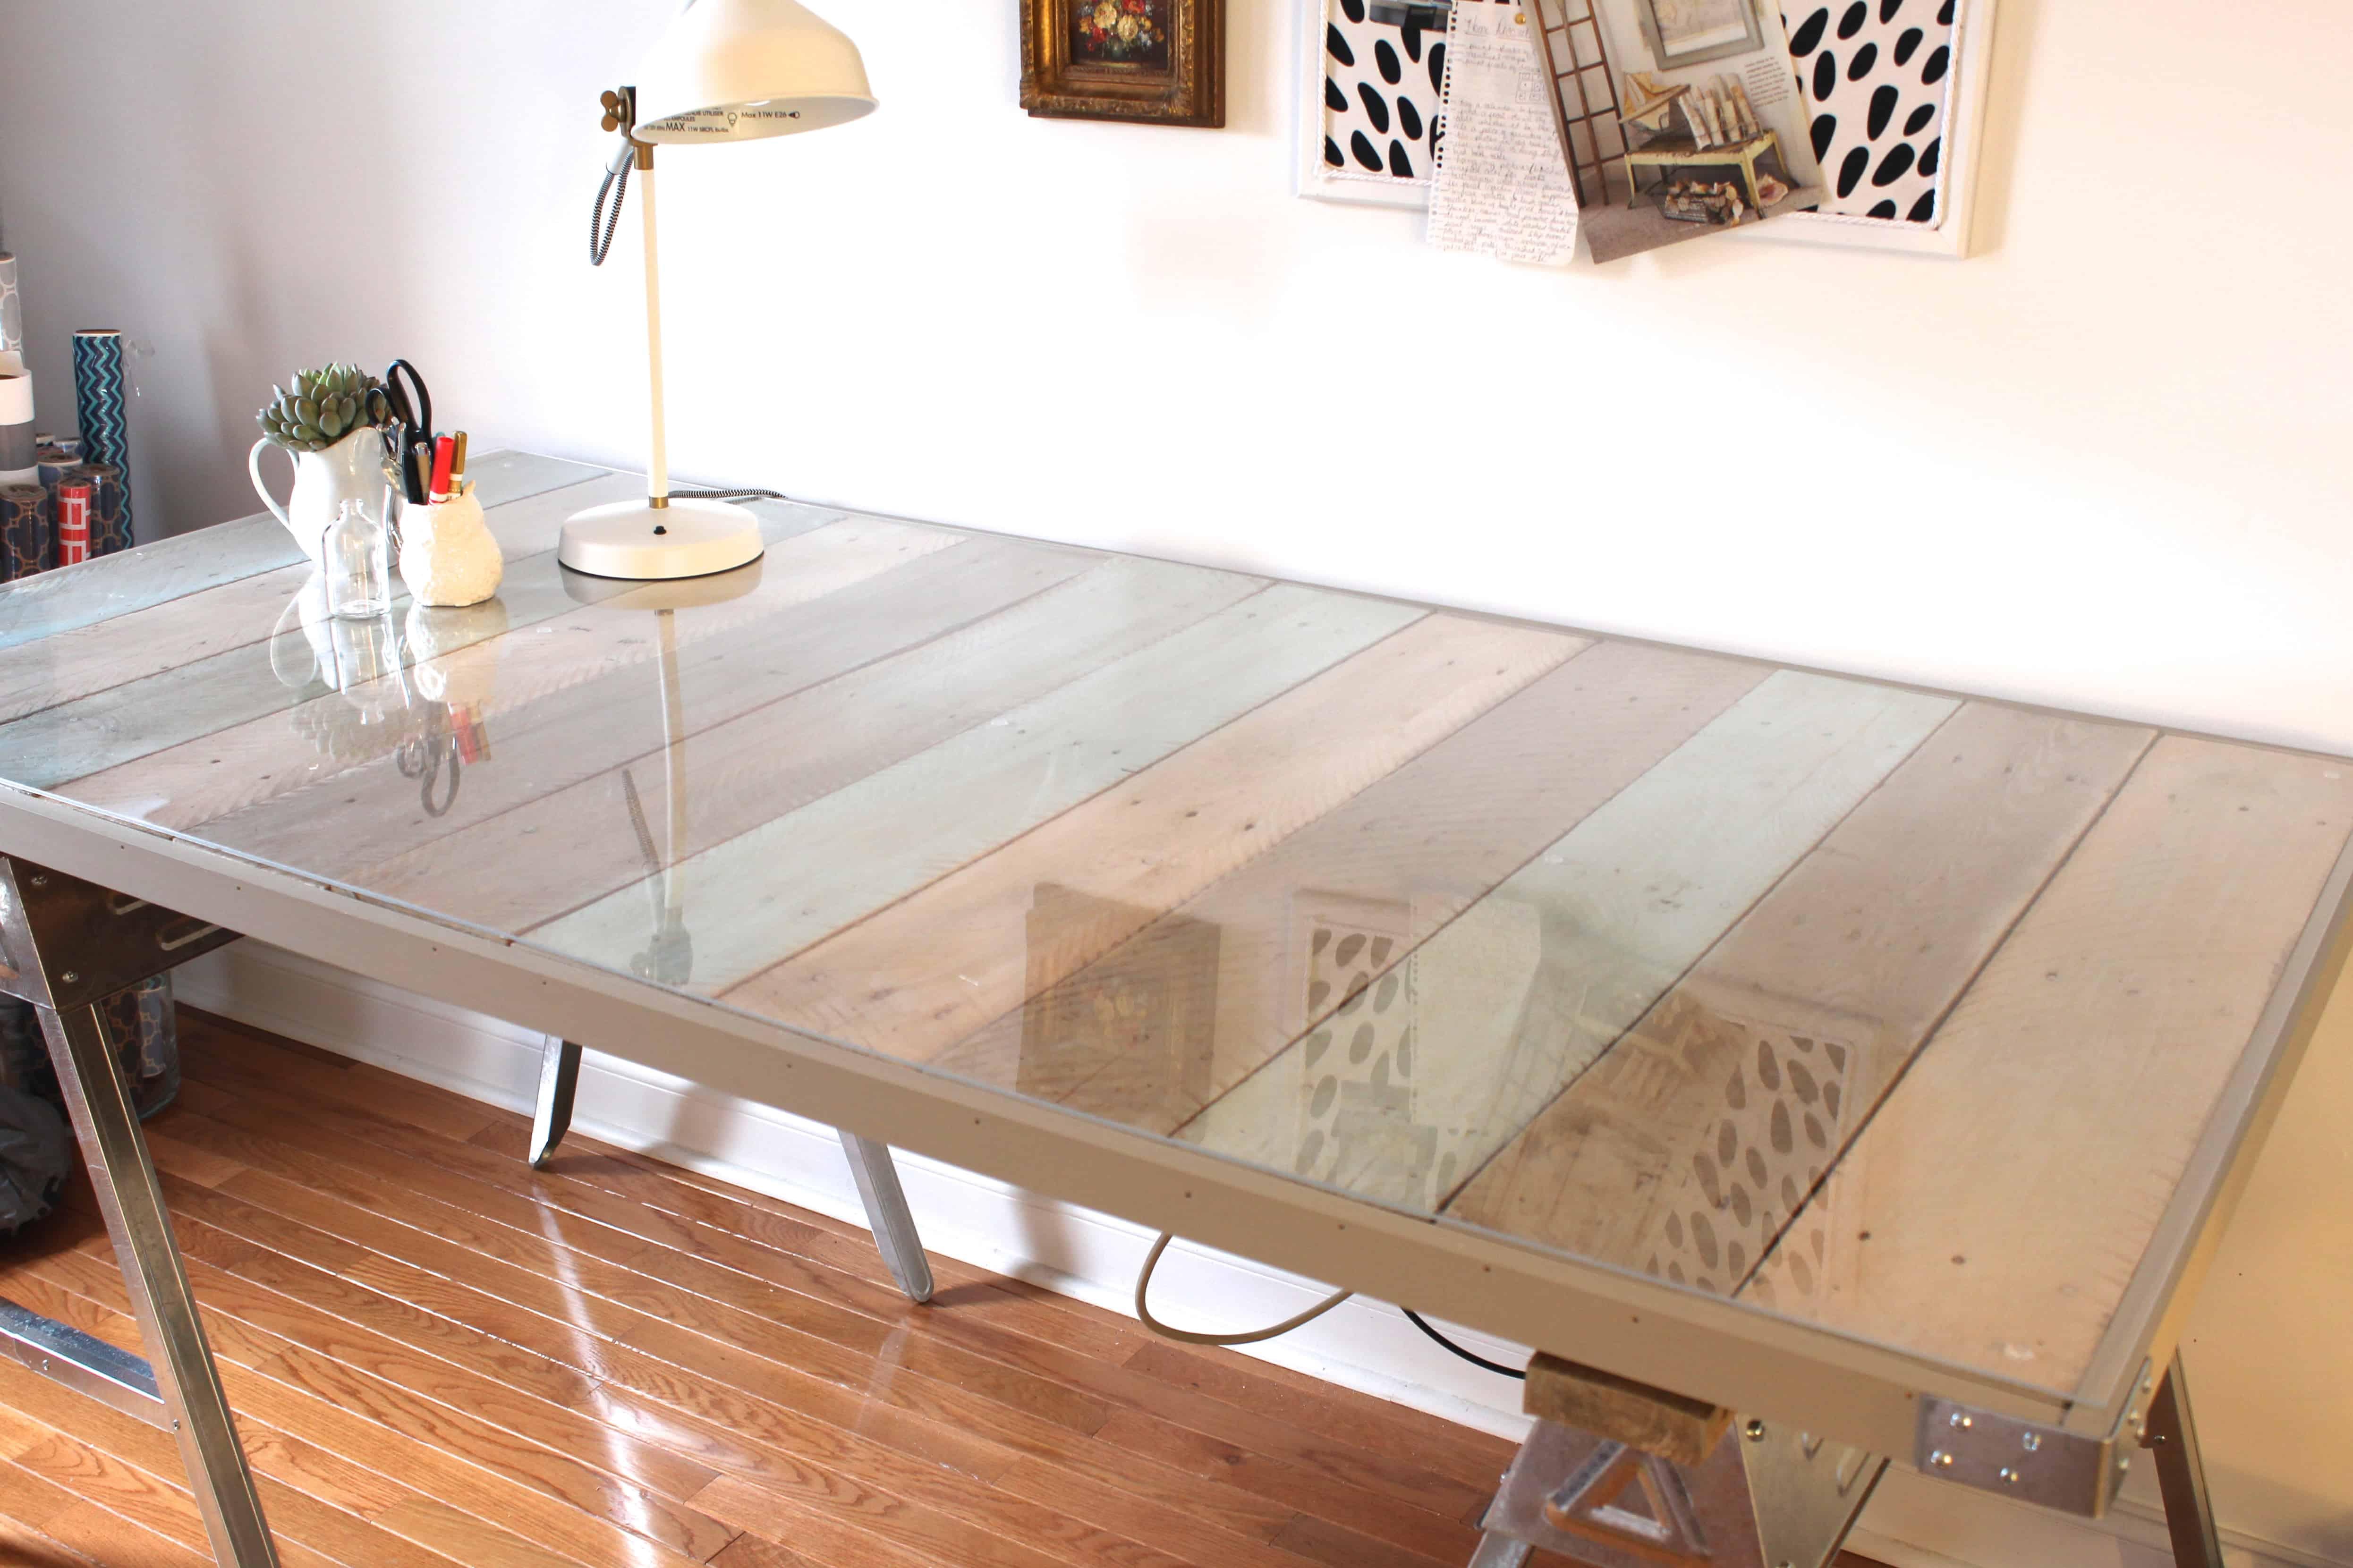 diy table 8 unique ways to build bob vila